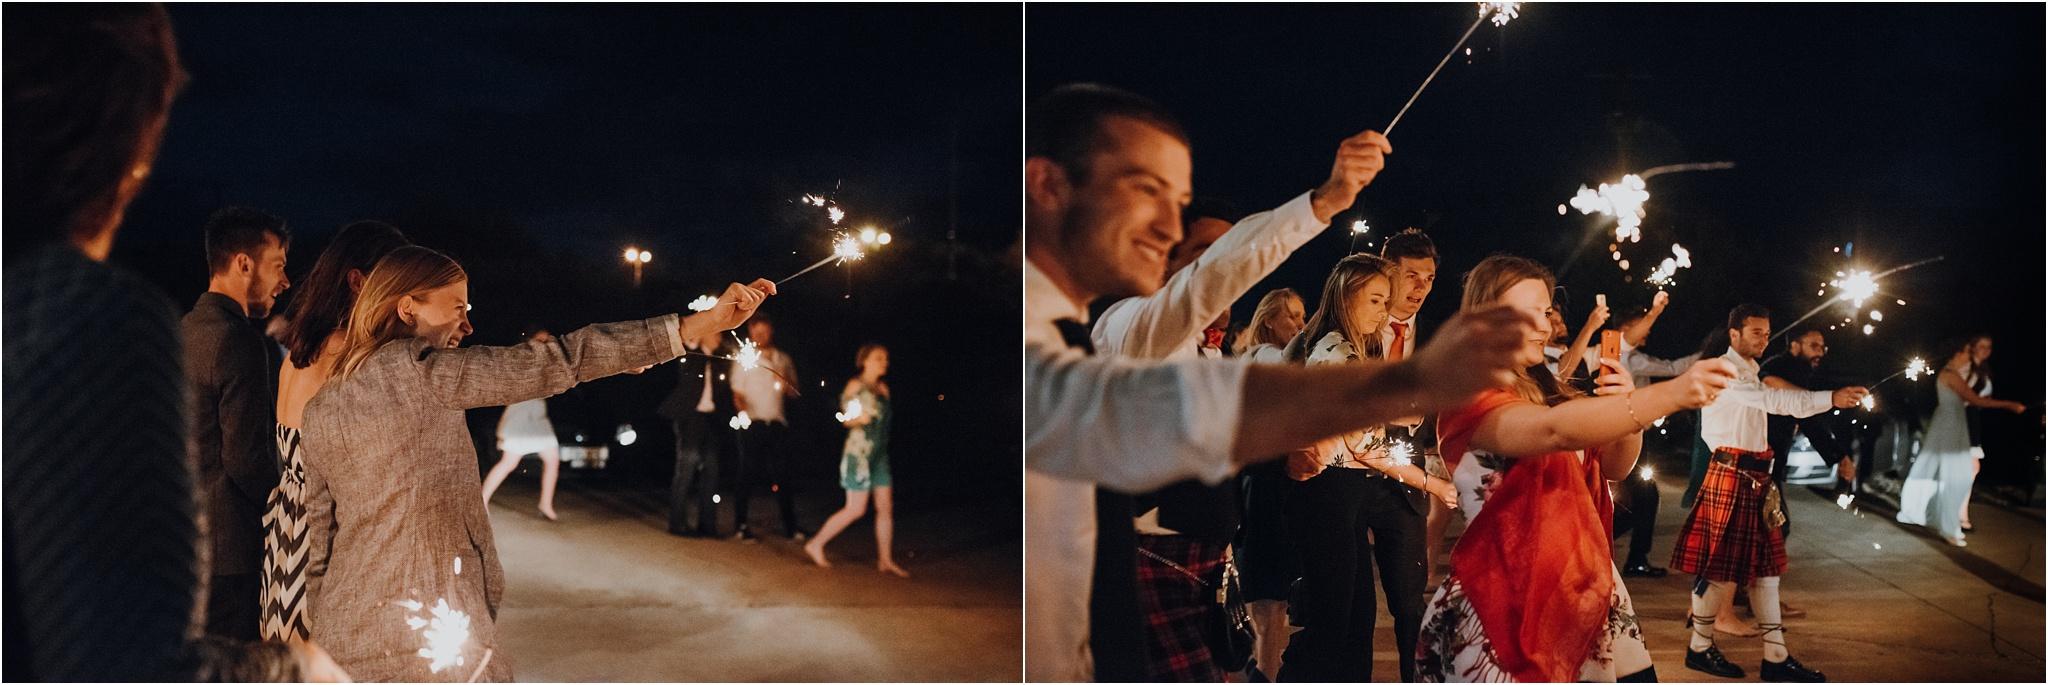 Edinburgh-barn-wedding-photographer_124.jpg